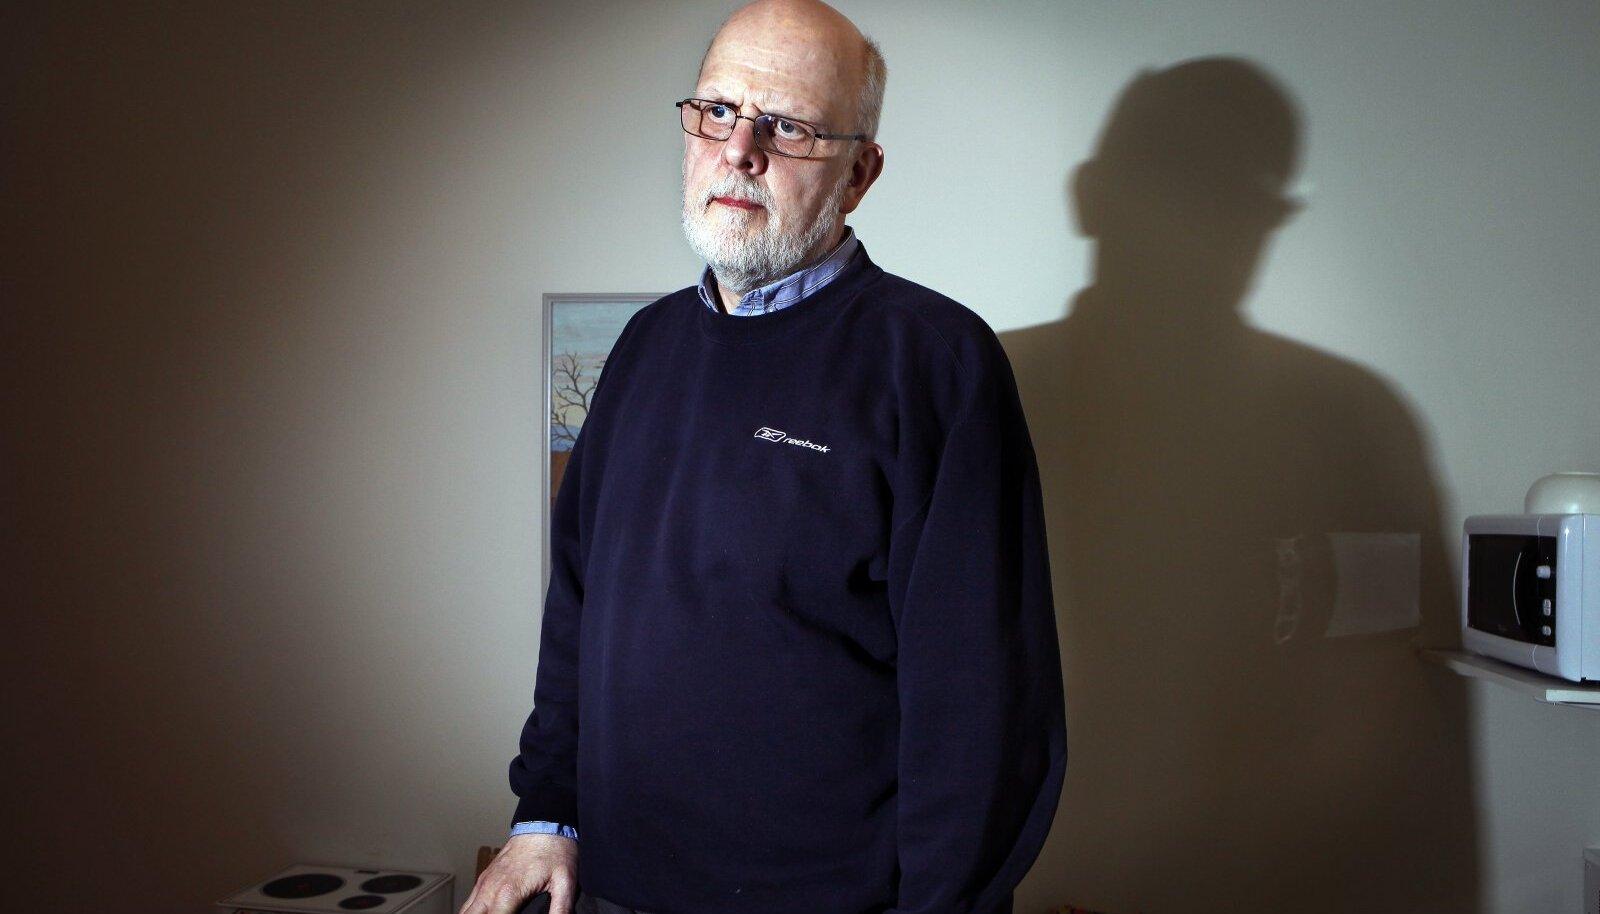 POLITSEI USKUS KÕIKE: Sture Bergwall tunnistas ravimite mõju all üles kümneid mõrvu. Ka selliseid, mida ta mitte kuidagi sooritada ei saanud.